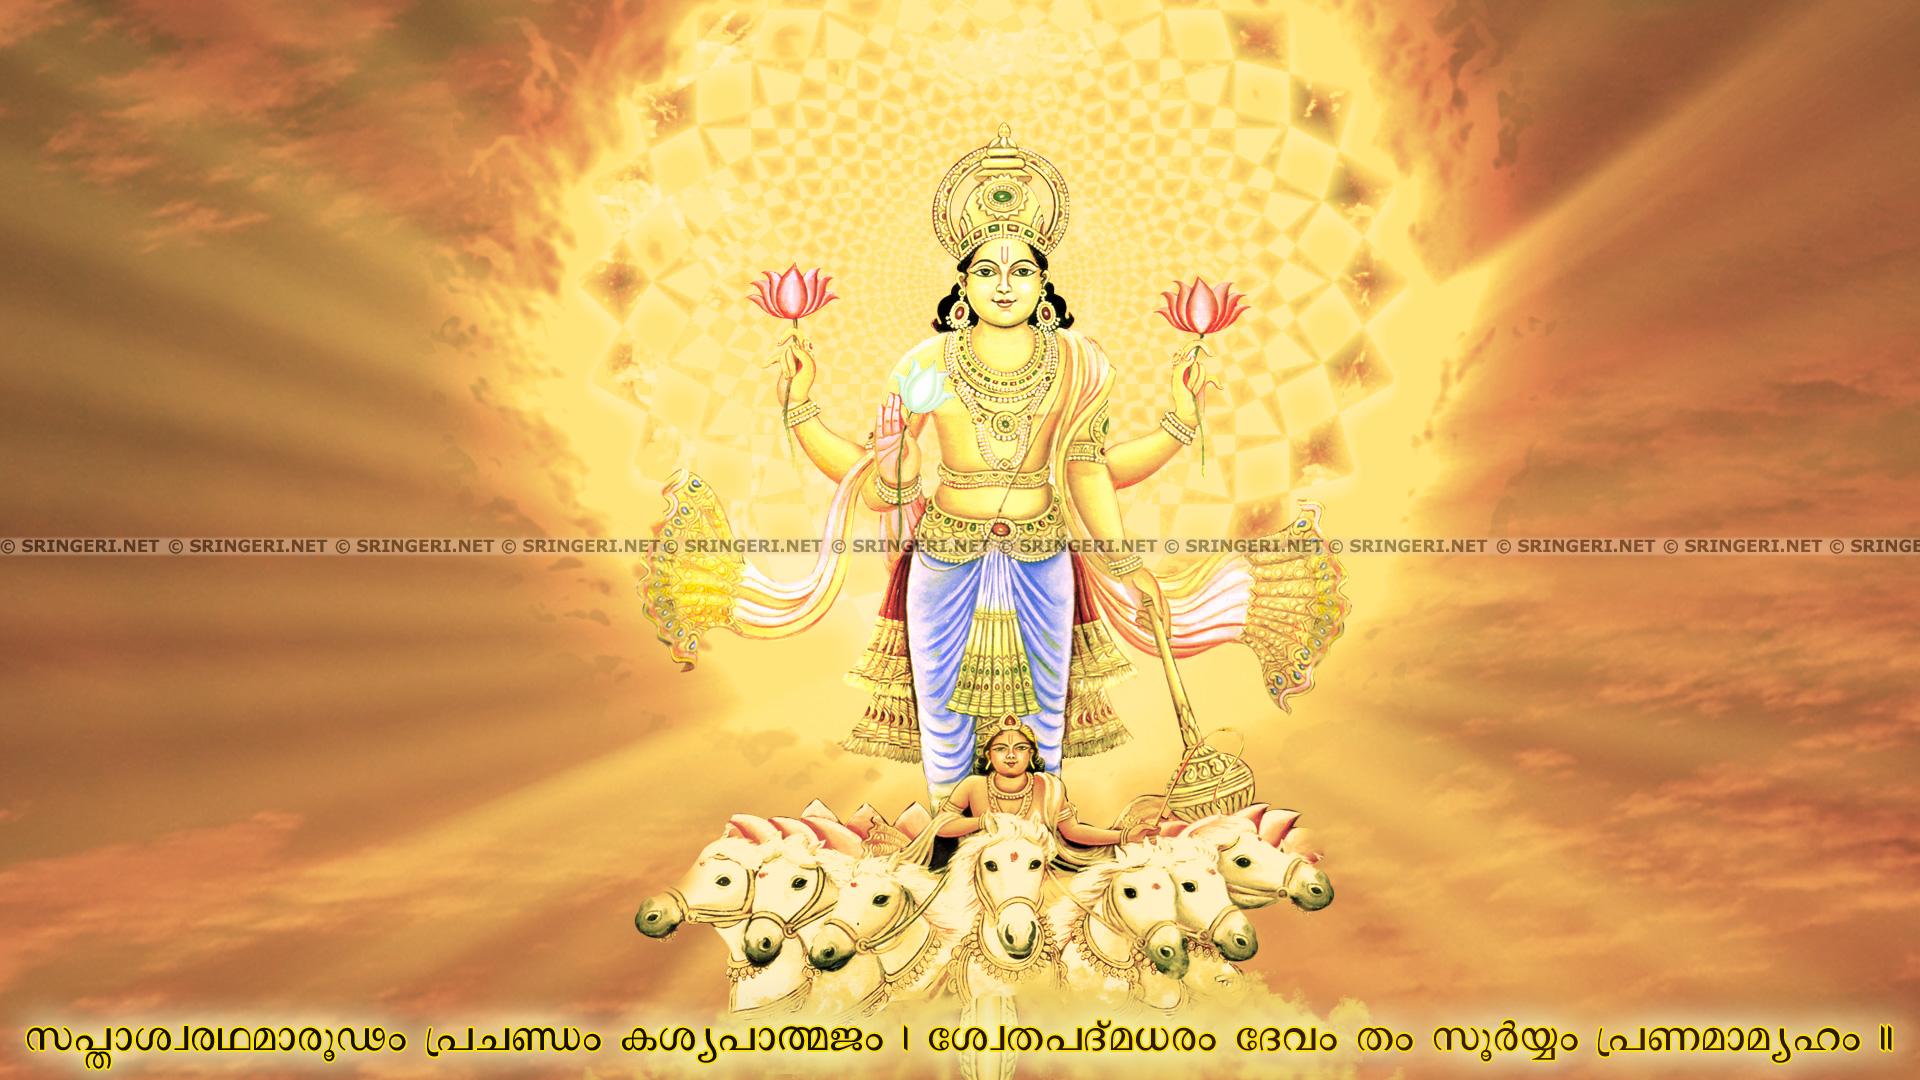 Lord Suryanarayana